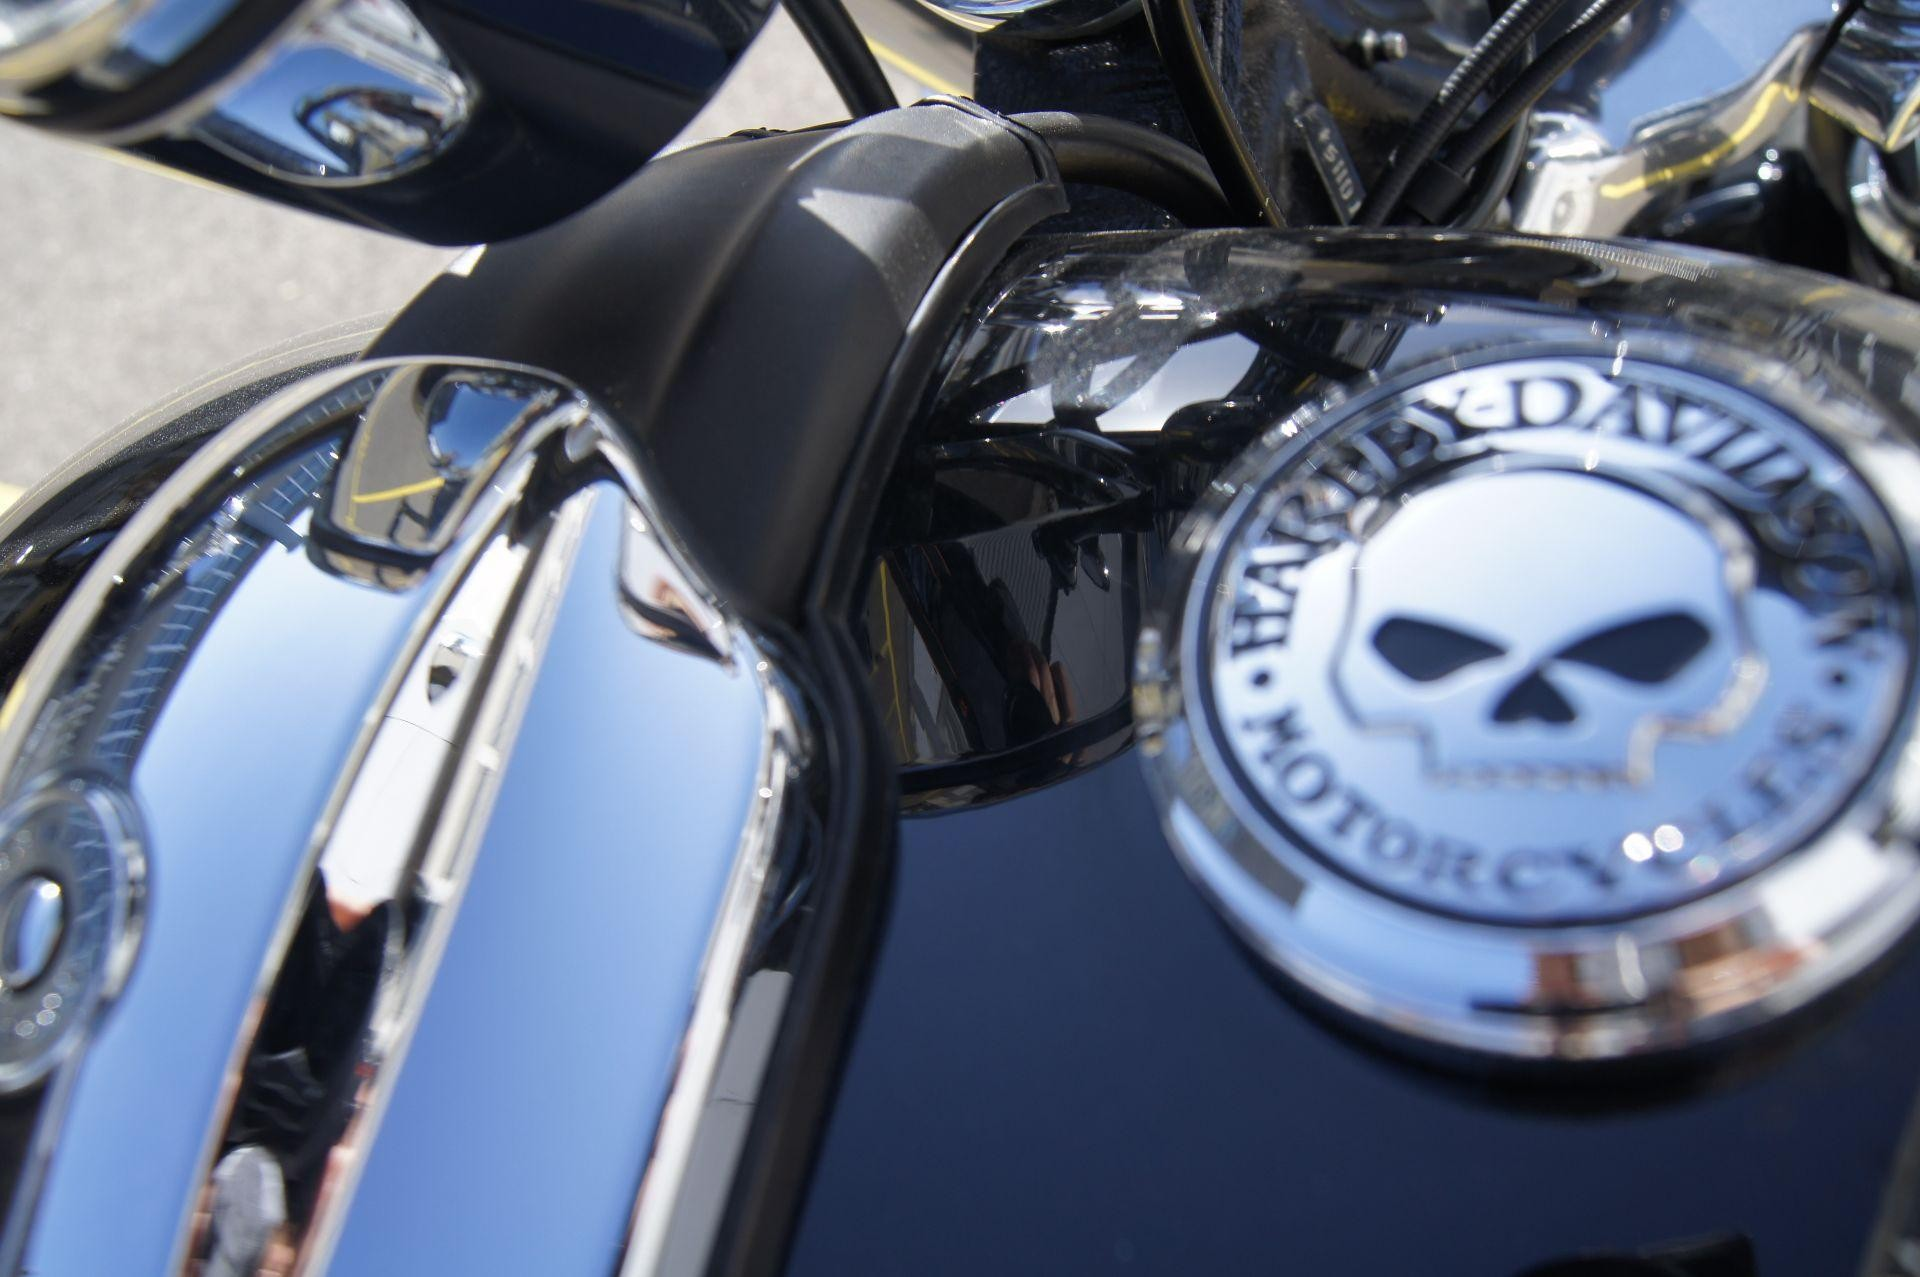 Harley Davidson Braekout 2014 Upcomingcarshq Com